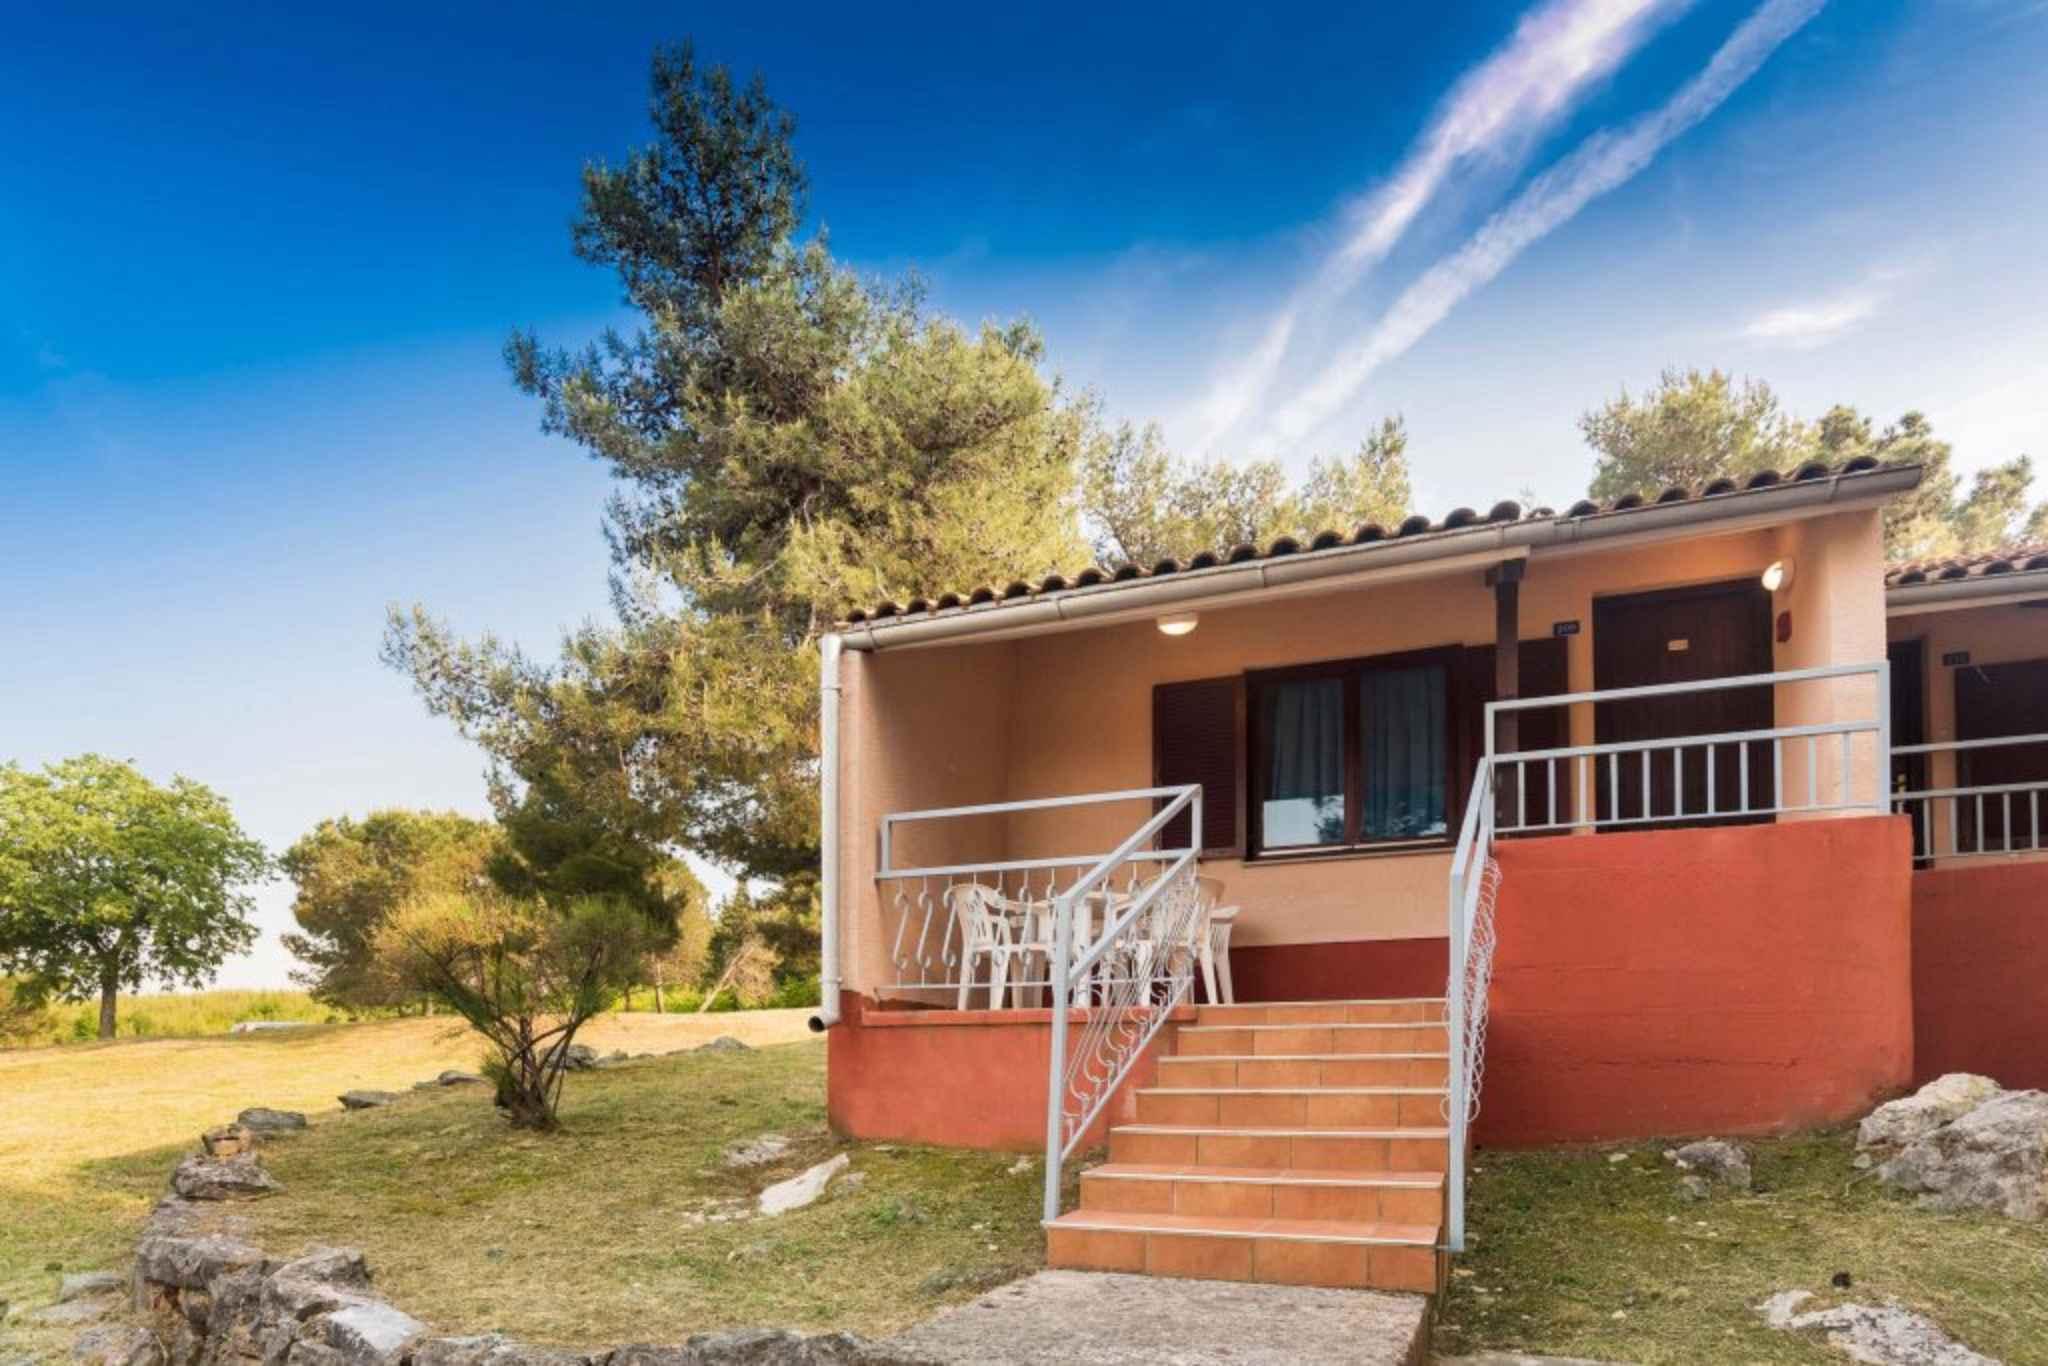 Ferienhaus Bungalow in der Ferienanlage Kanegra (281162), Umag, , Istrien, Kroatien, Bild 4